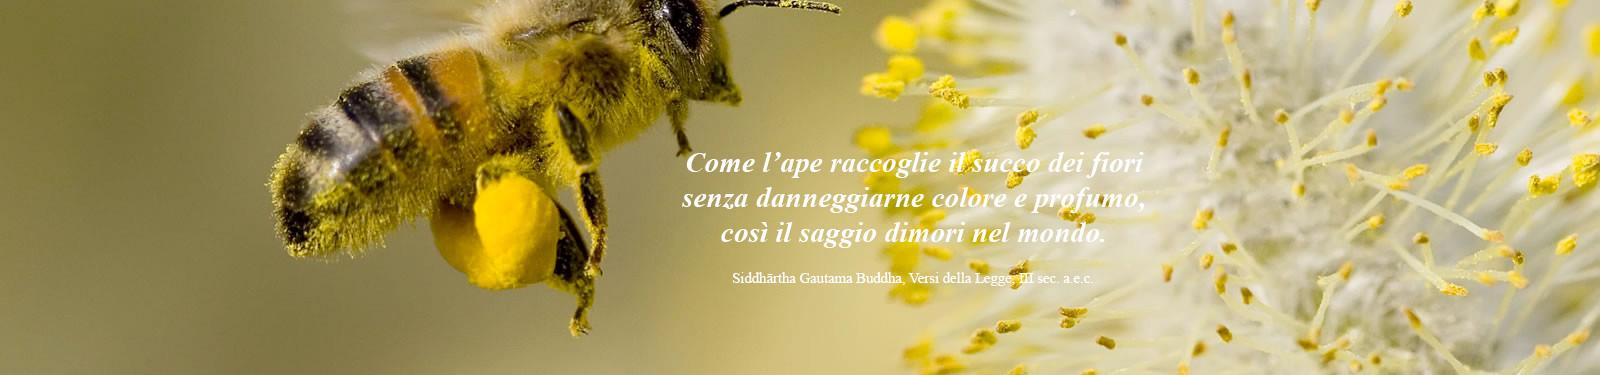 cooperativa-apicoltori-montani-scritta-1.jpg